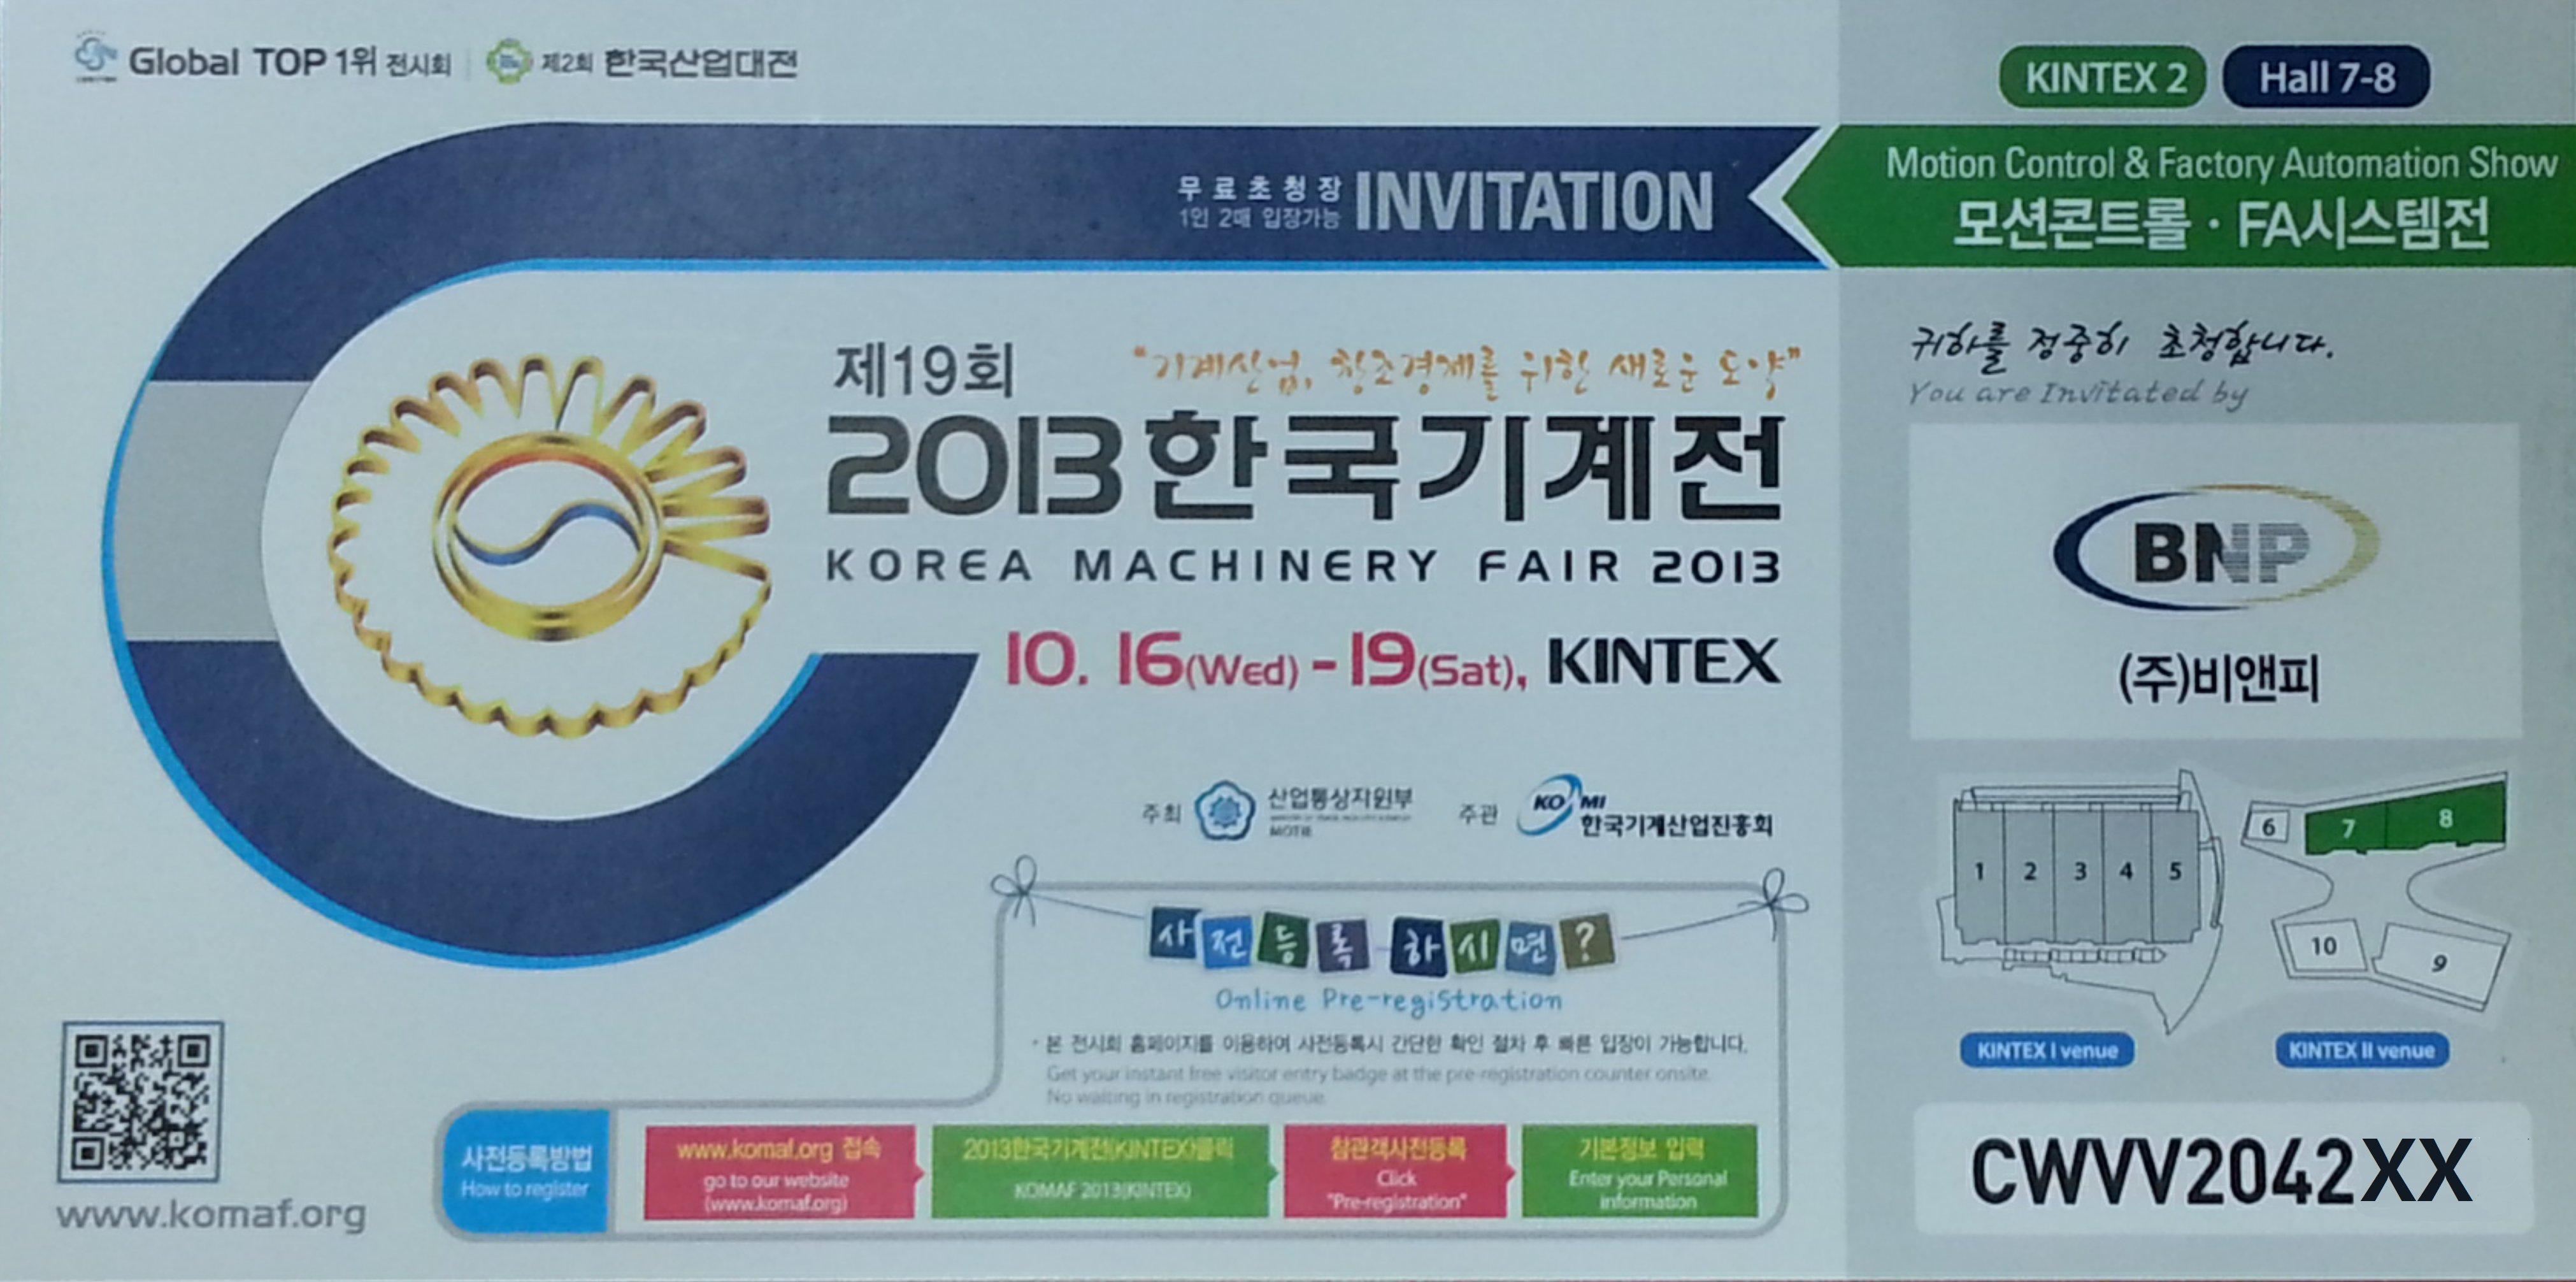 한국기계전_BNP.jpg